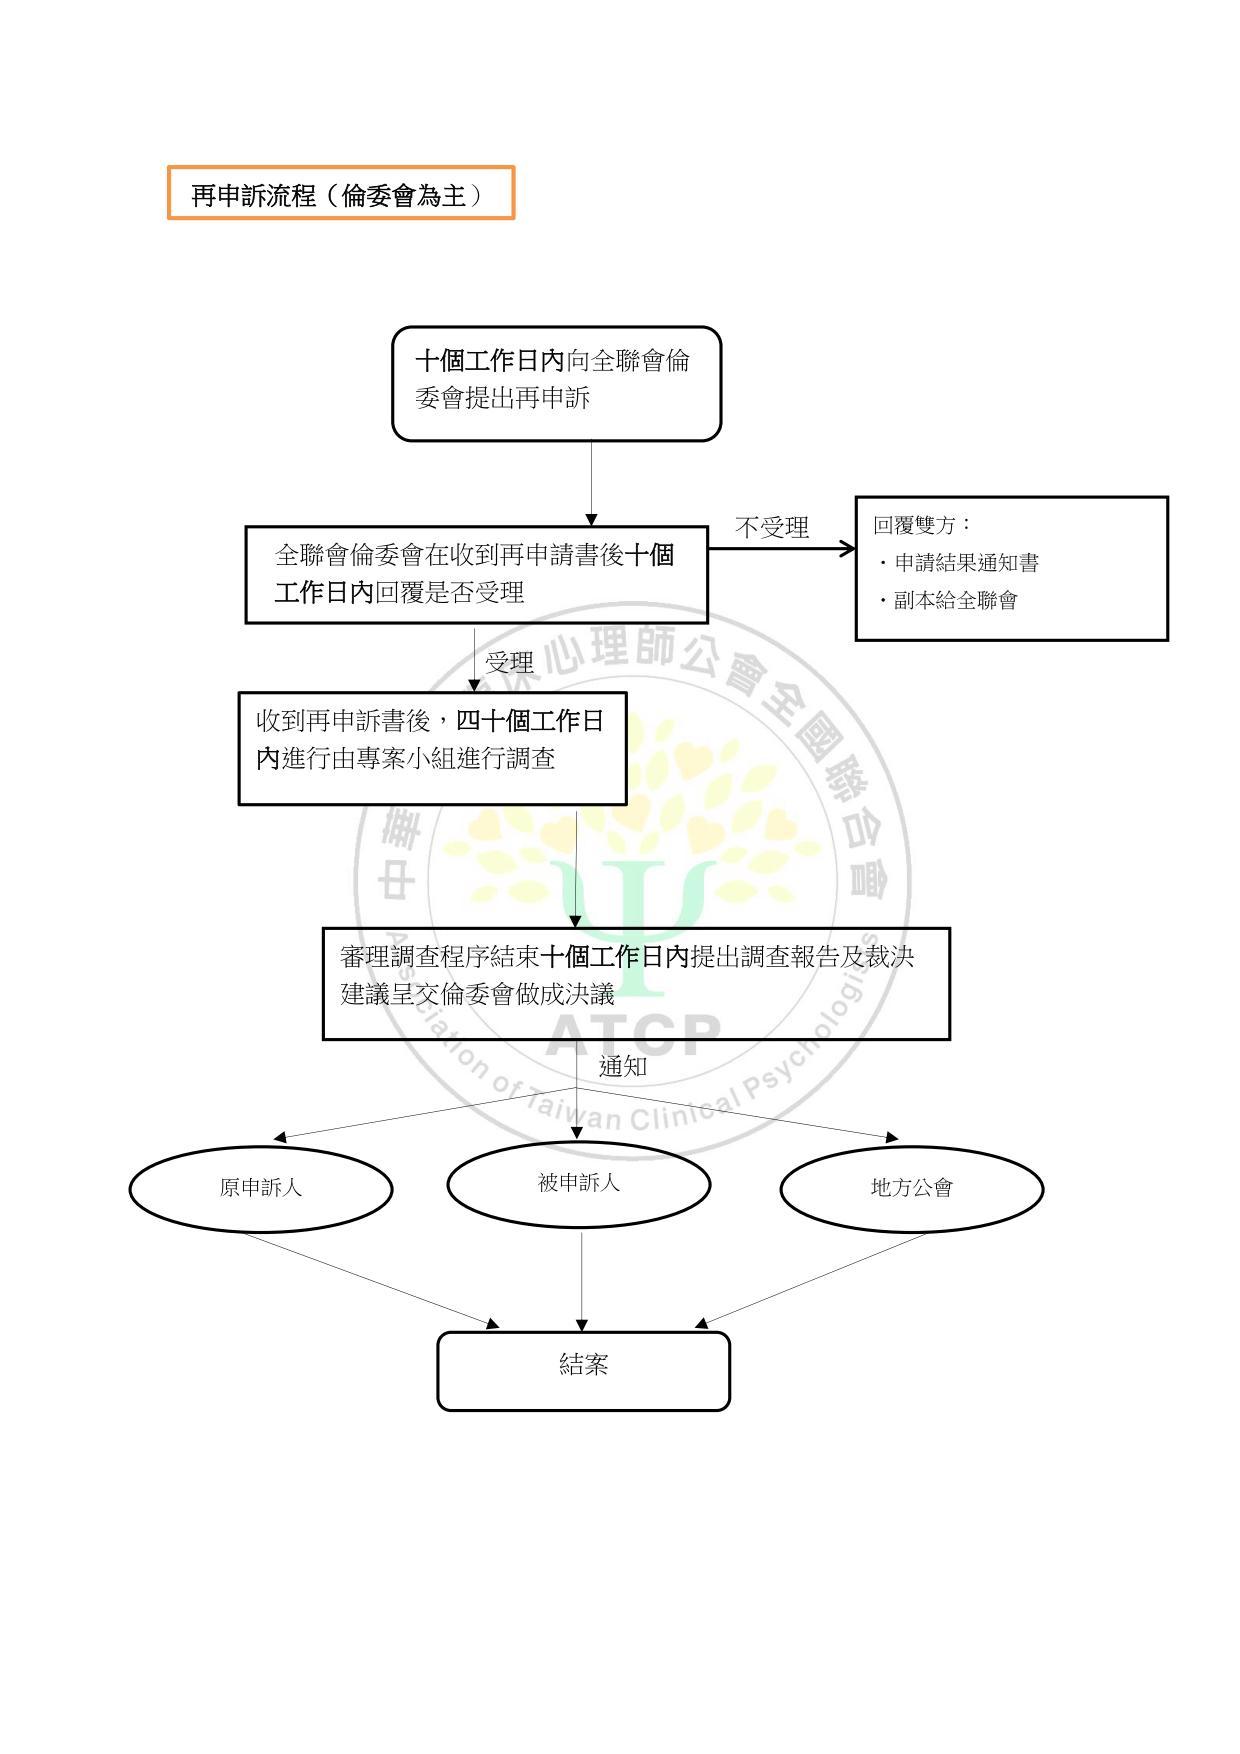 臨床心理師倫理申訴流程圖